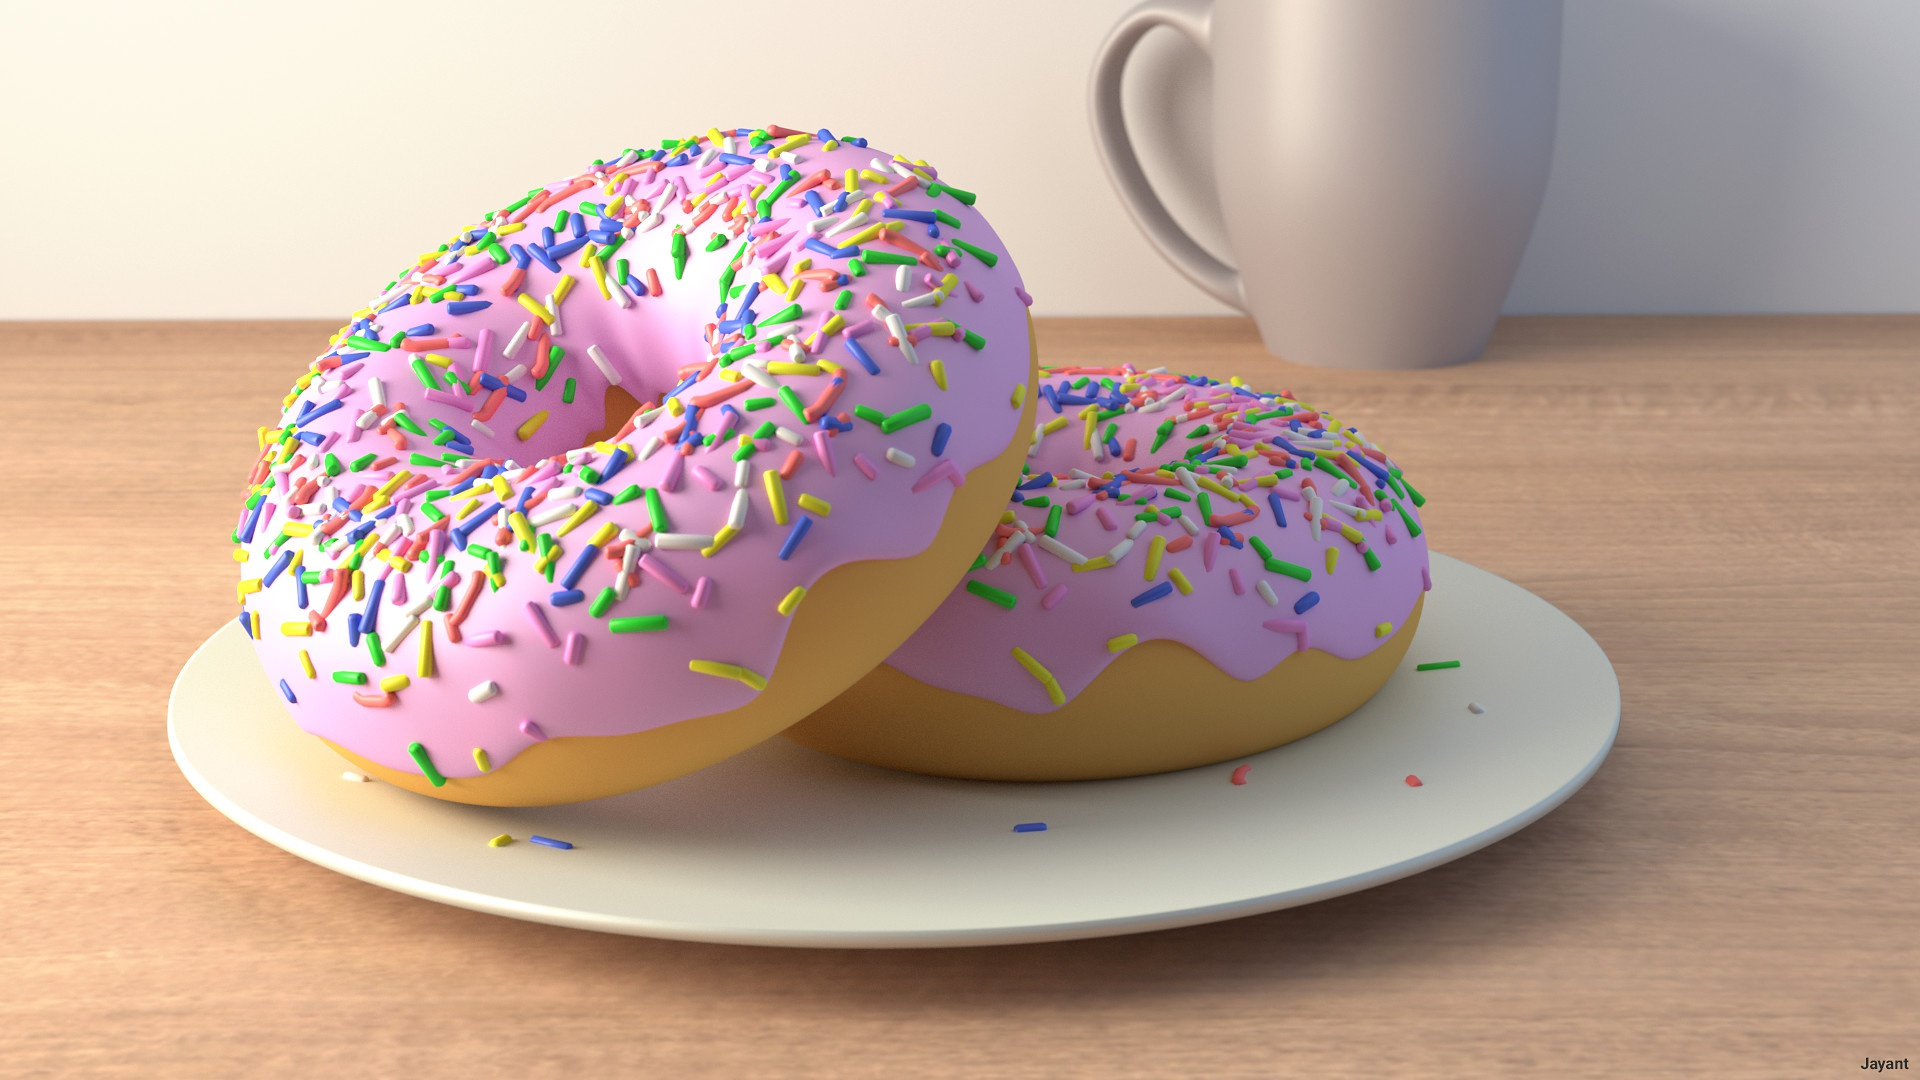 Пончик в белой глазури  № 3681645 загрузить